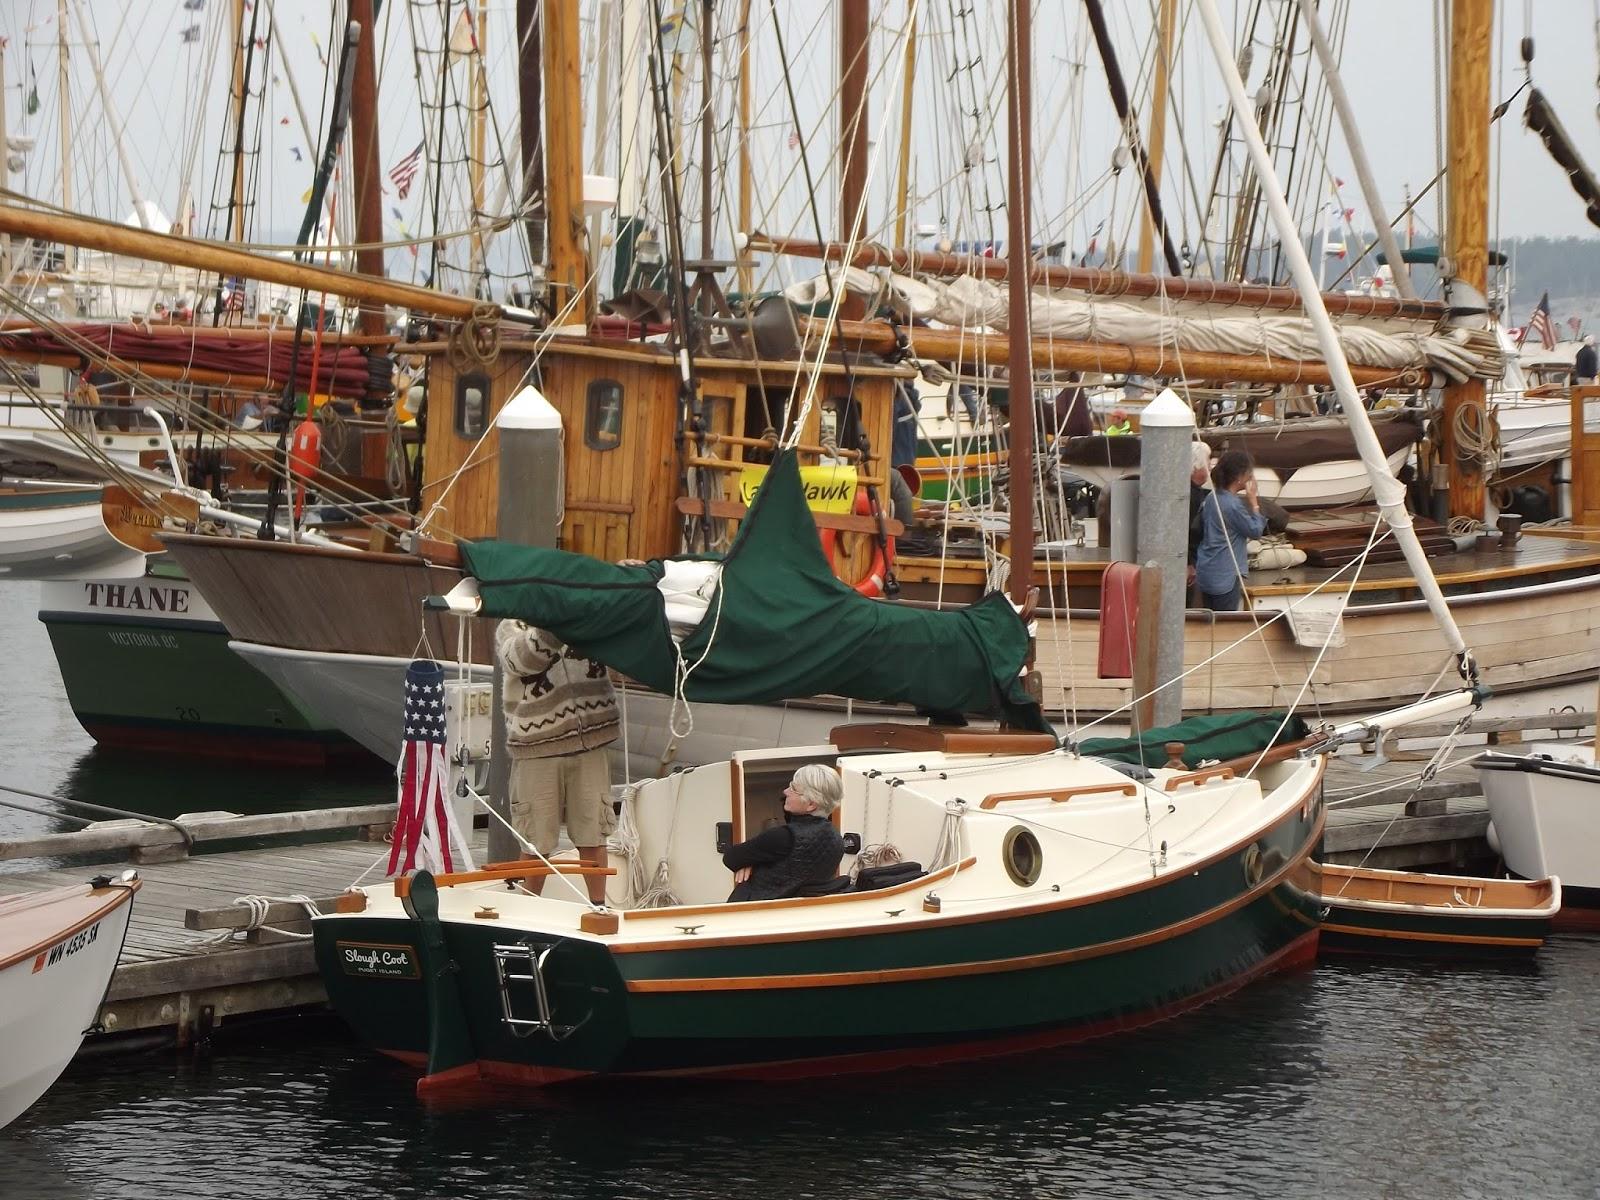 Фото на палубах яхт работает